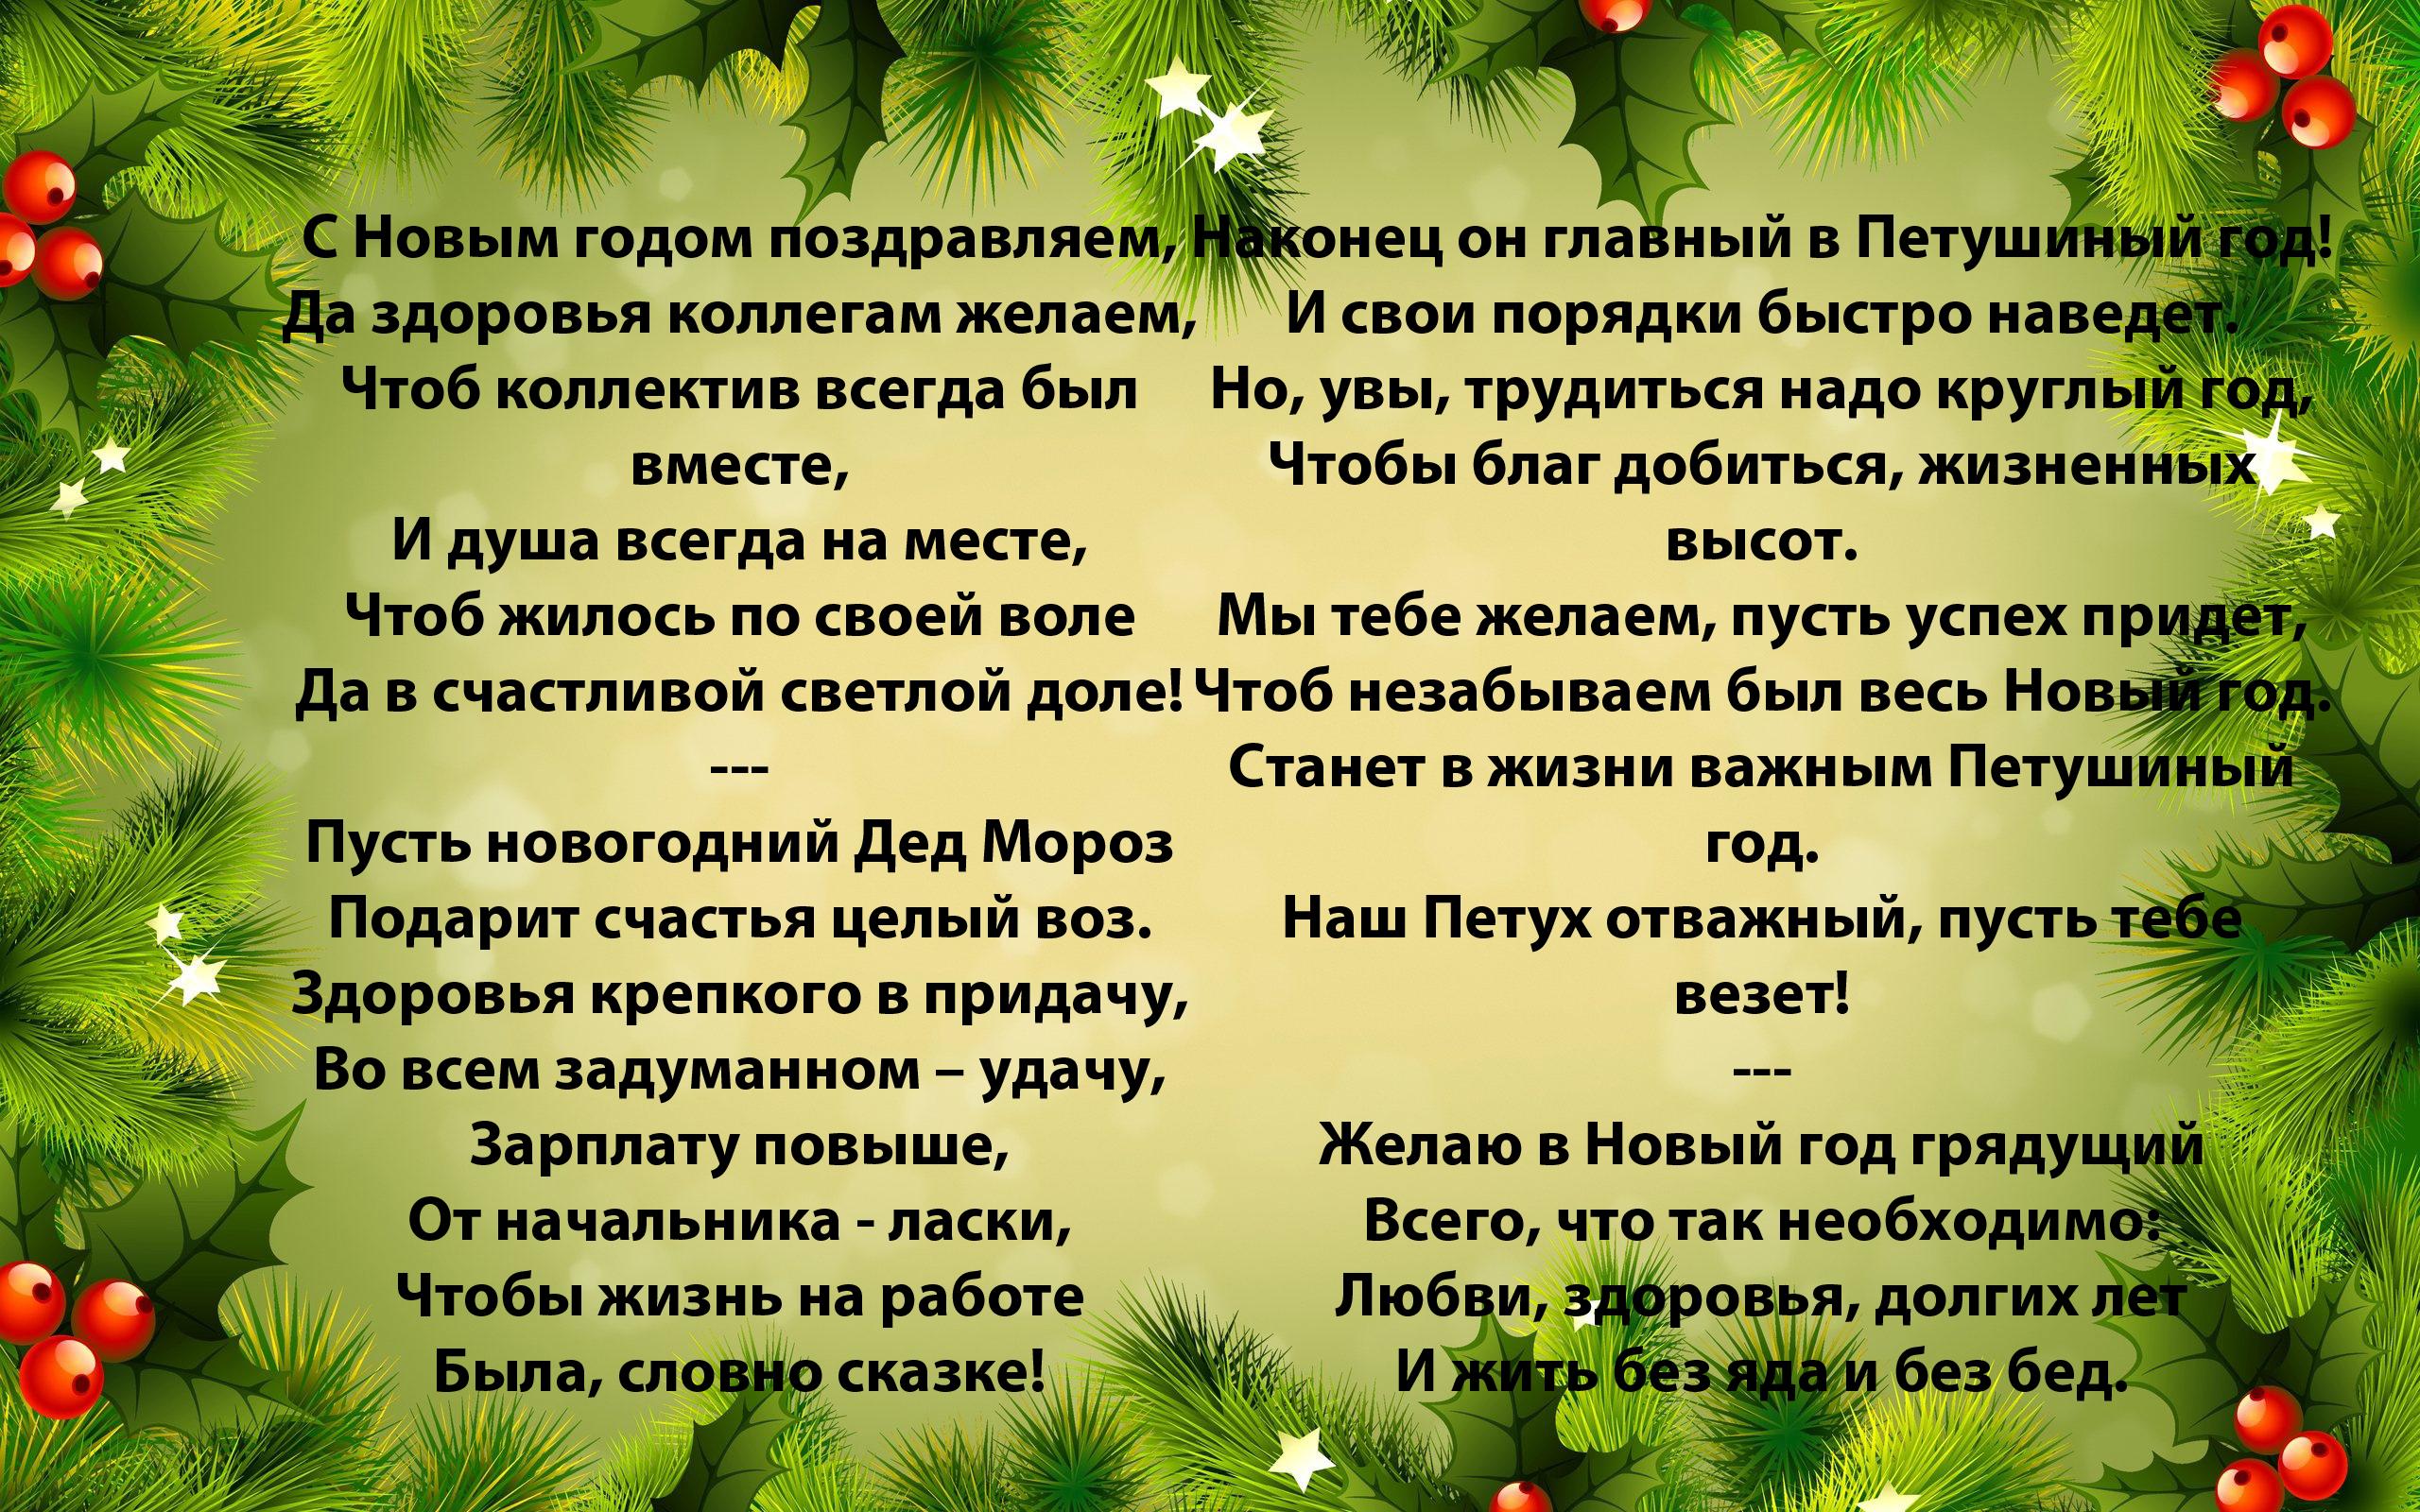 поздравление в стихах для сотрудников с новым годом вас есть цветной